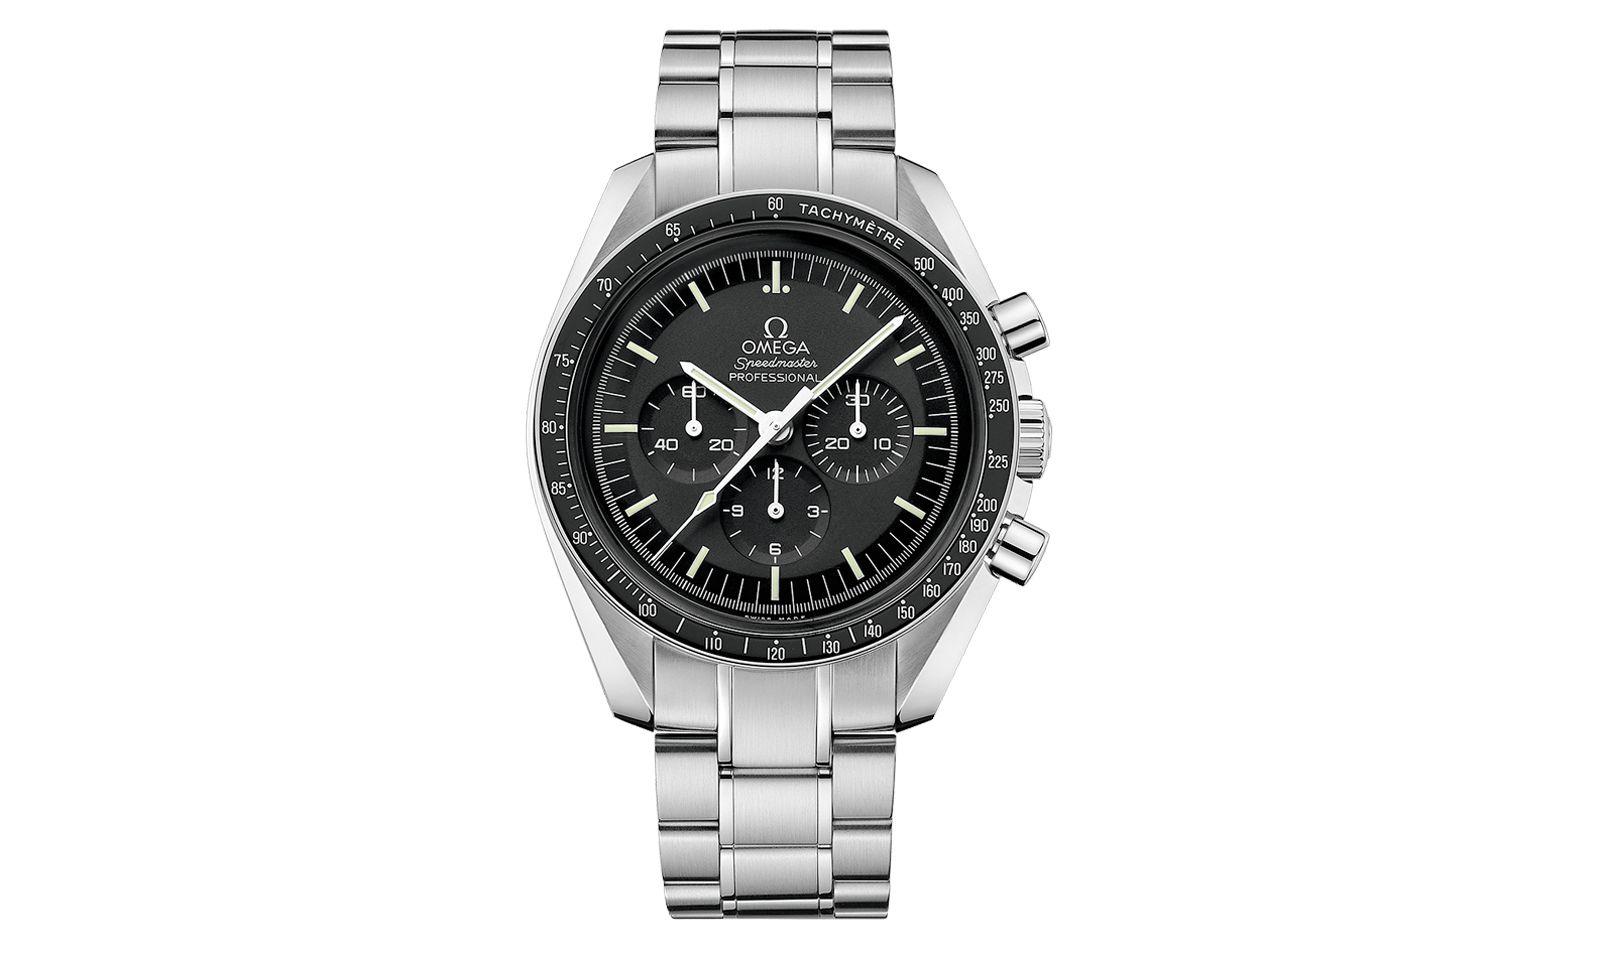 """Aktuelle Moonwatch. Diese """"Speedmaster Professional"""" ist der Nachfolger des Originalmodells von 1969."""